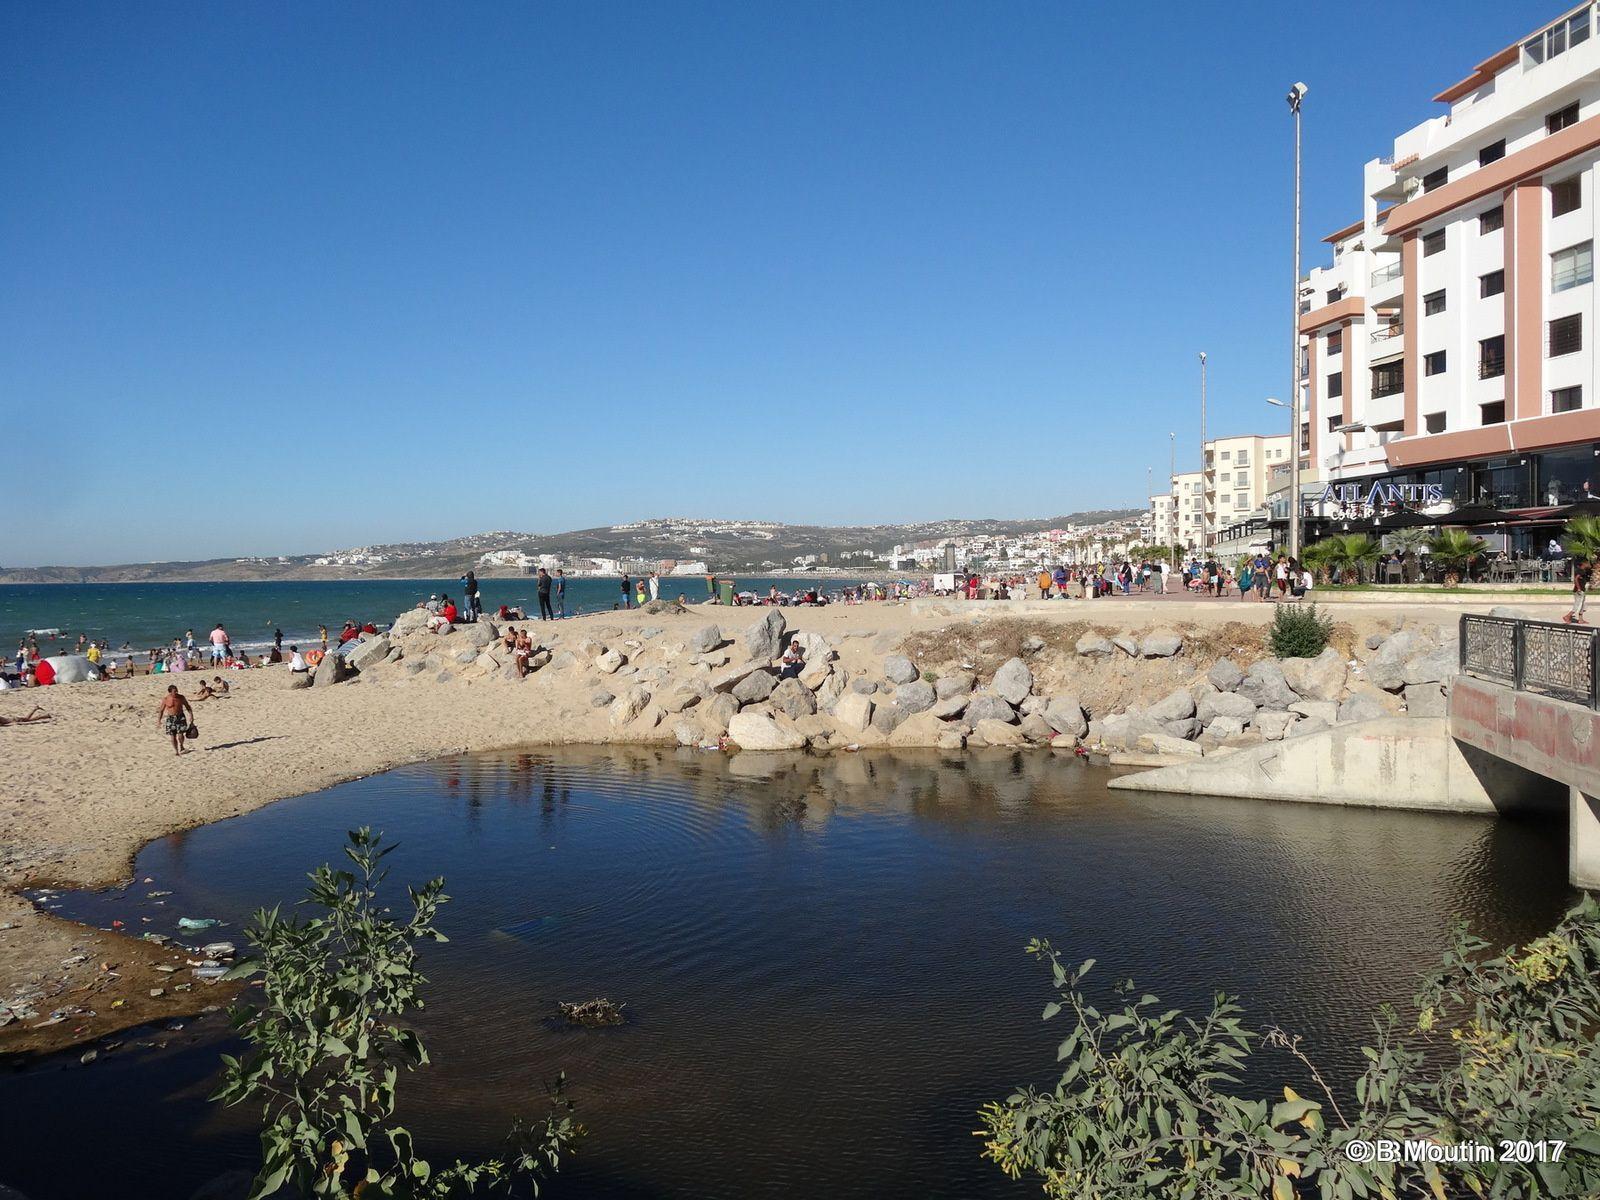 La baignade au niveau de l'oued du Panorama le samedi 1° juillet à Tanger (4 photos)